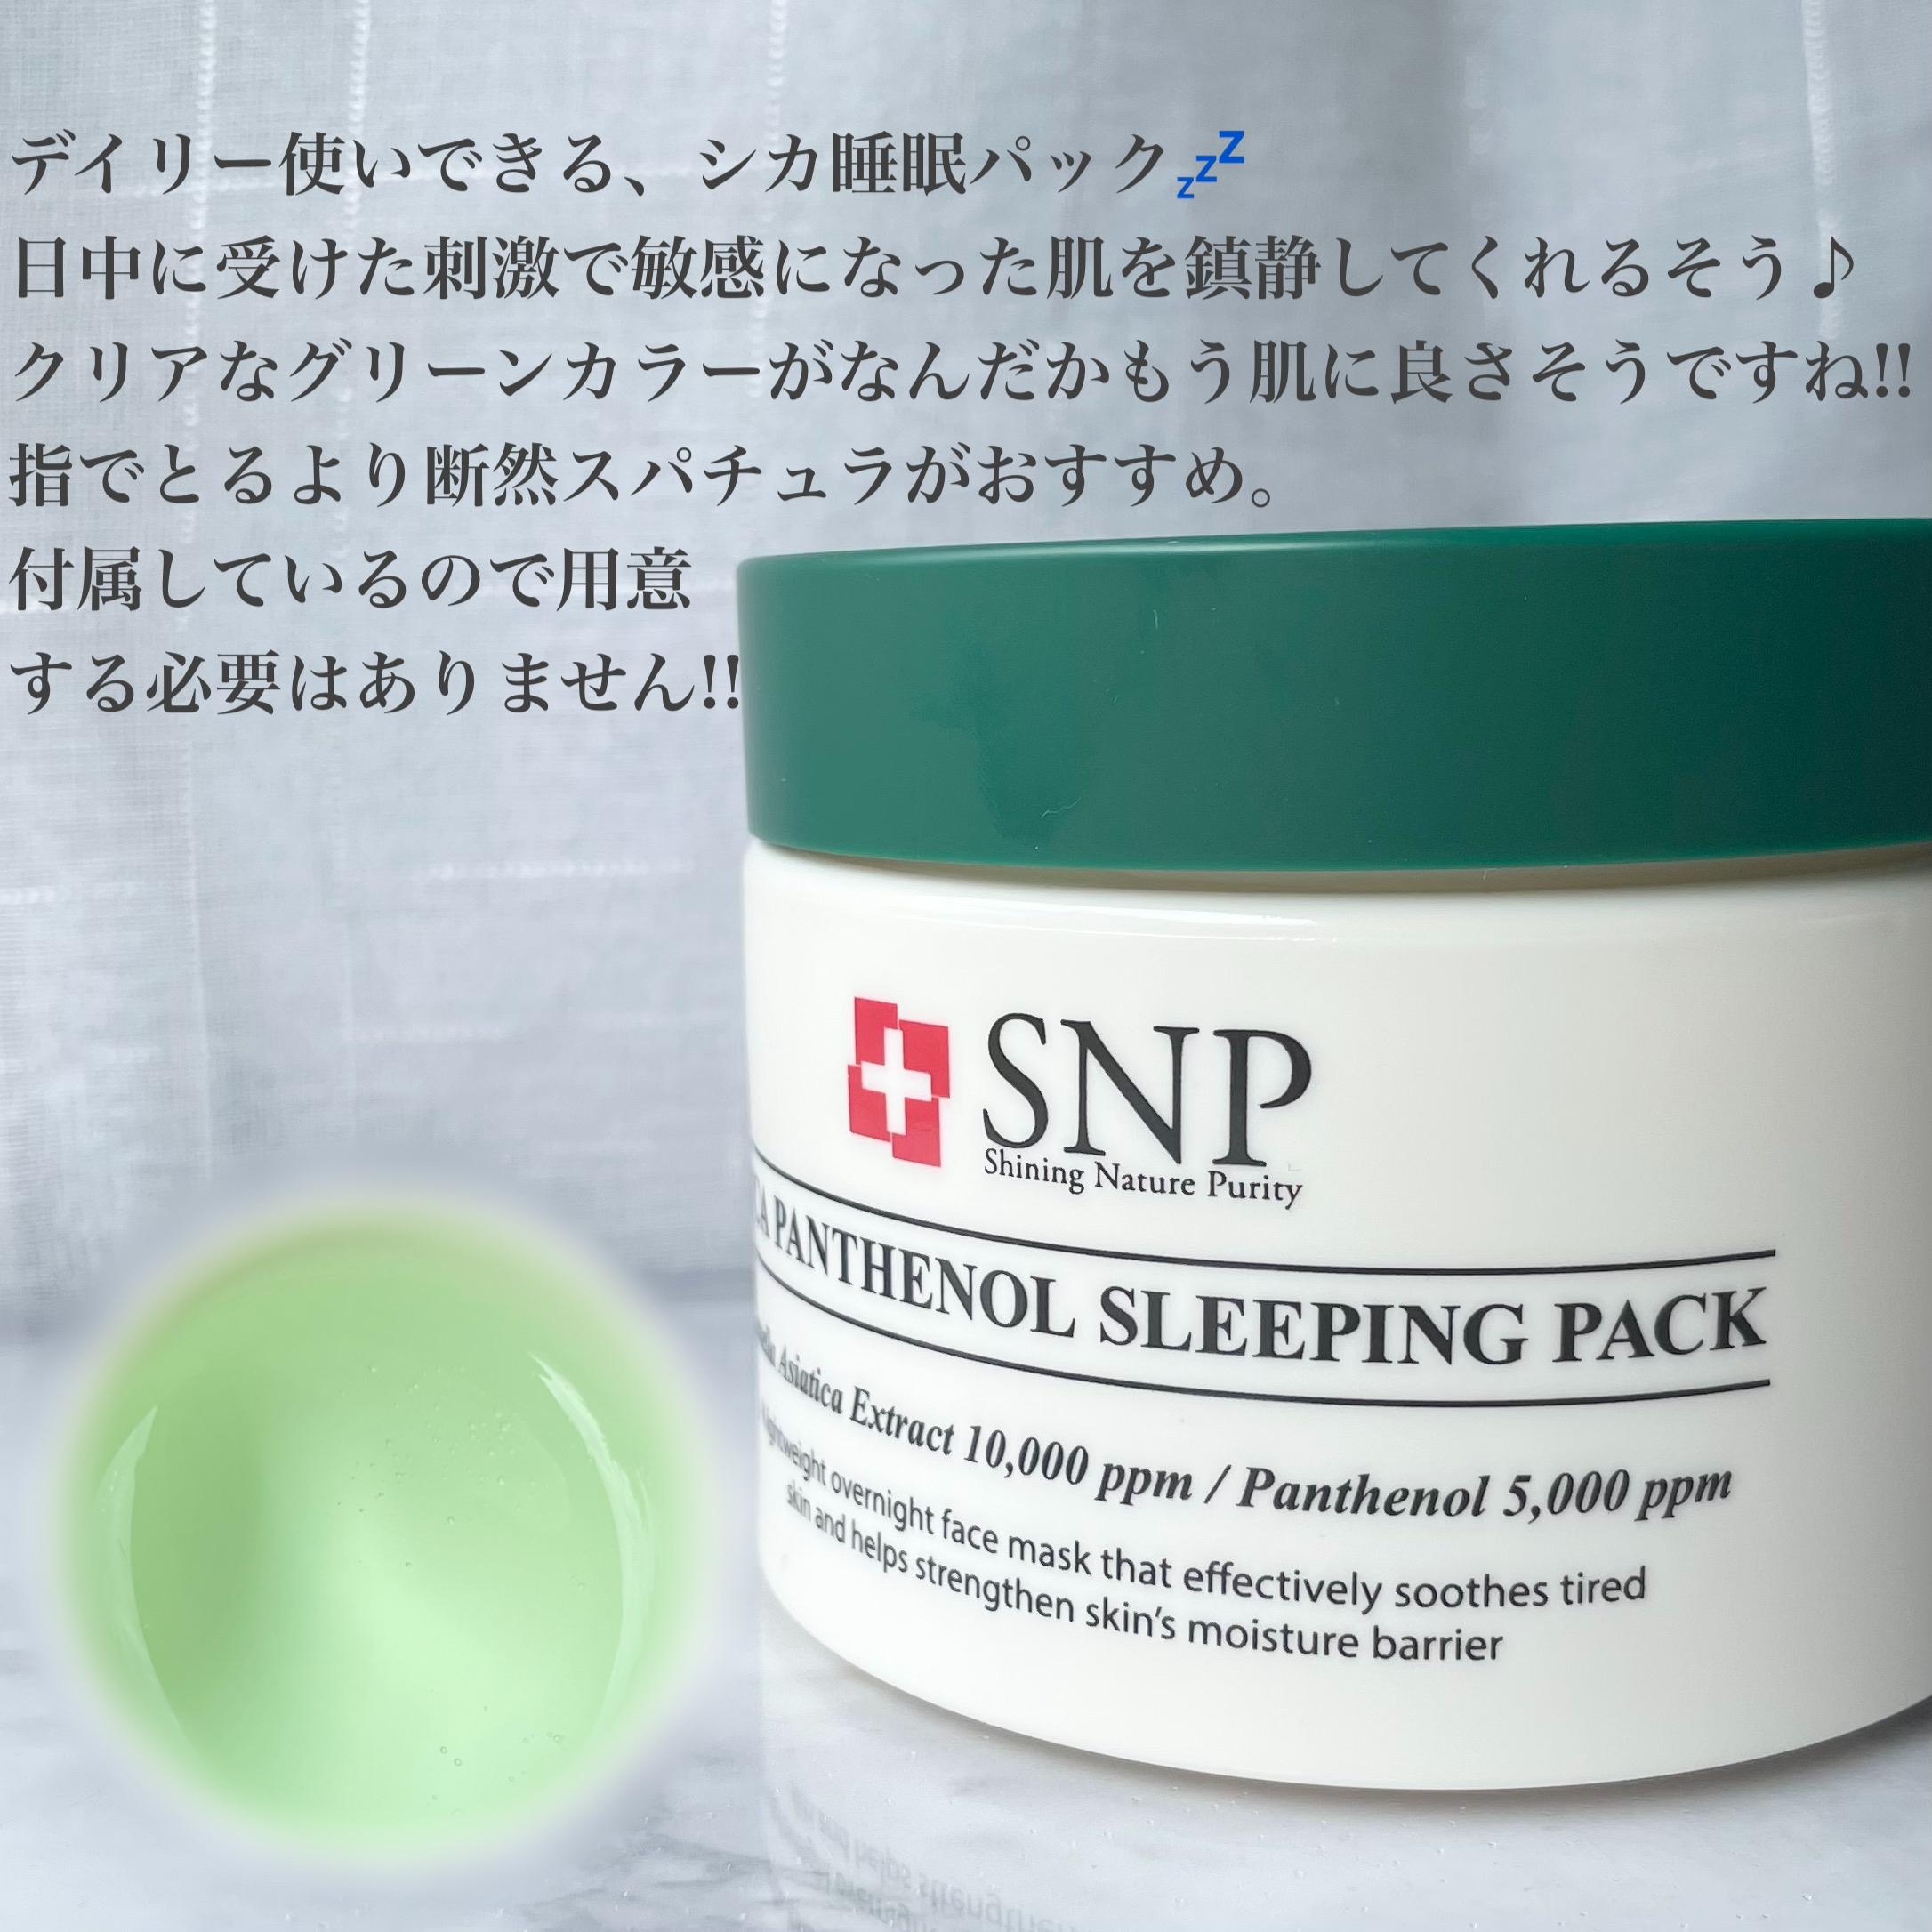 SNP(エスエヌピー) シカパンテノールスリーピングパックを使ったあひるさんのクチコミ画像2